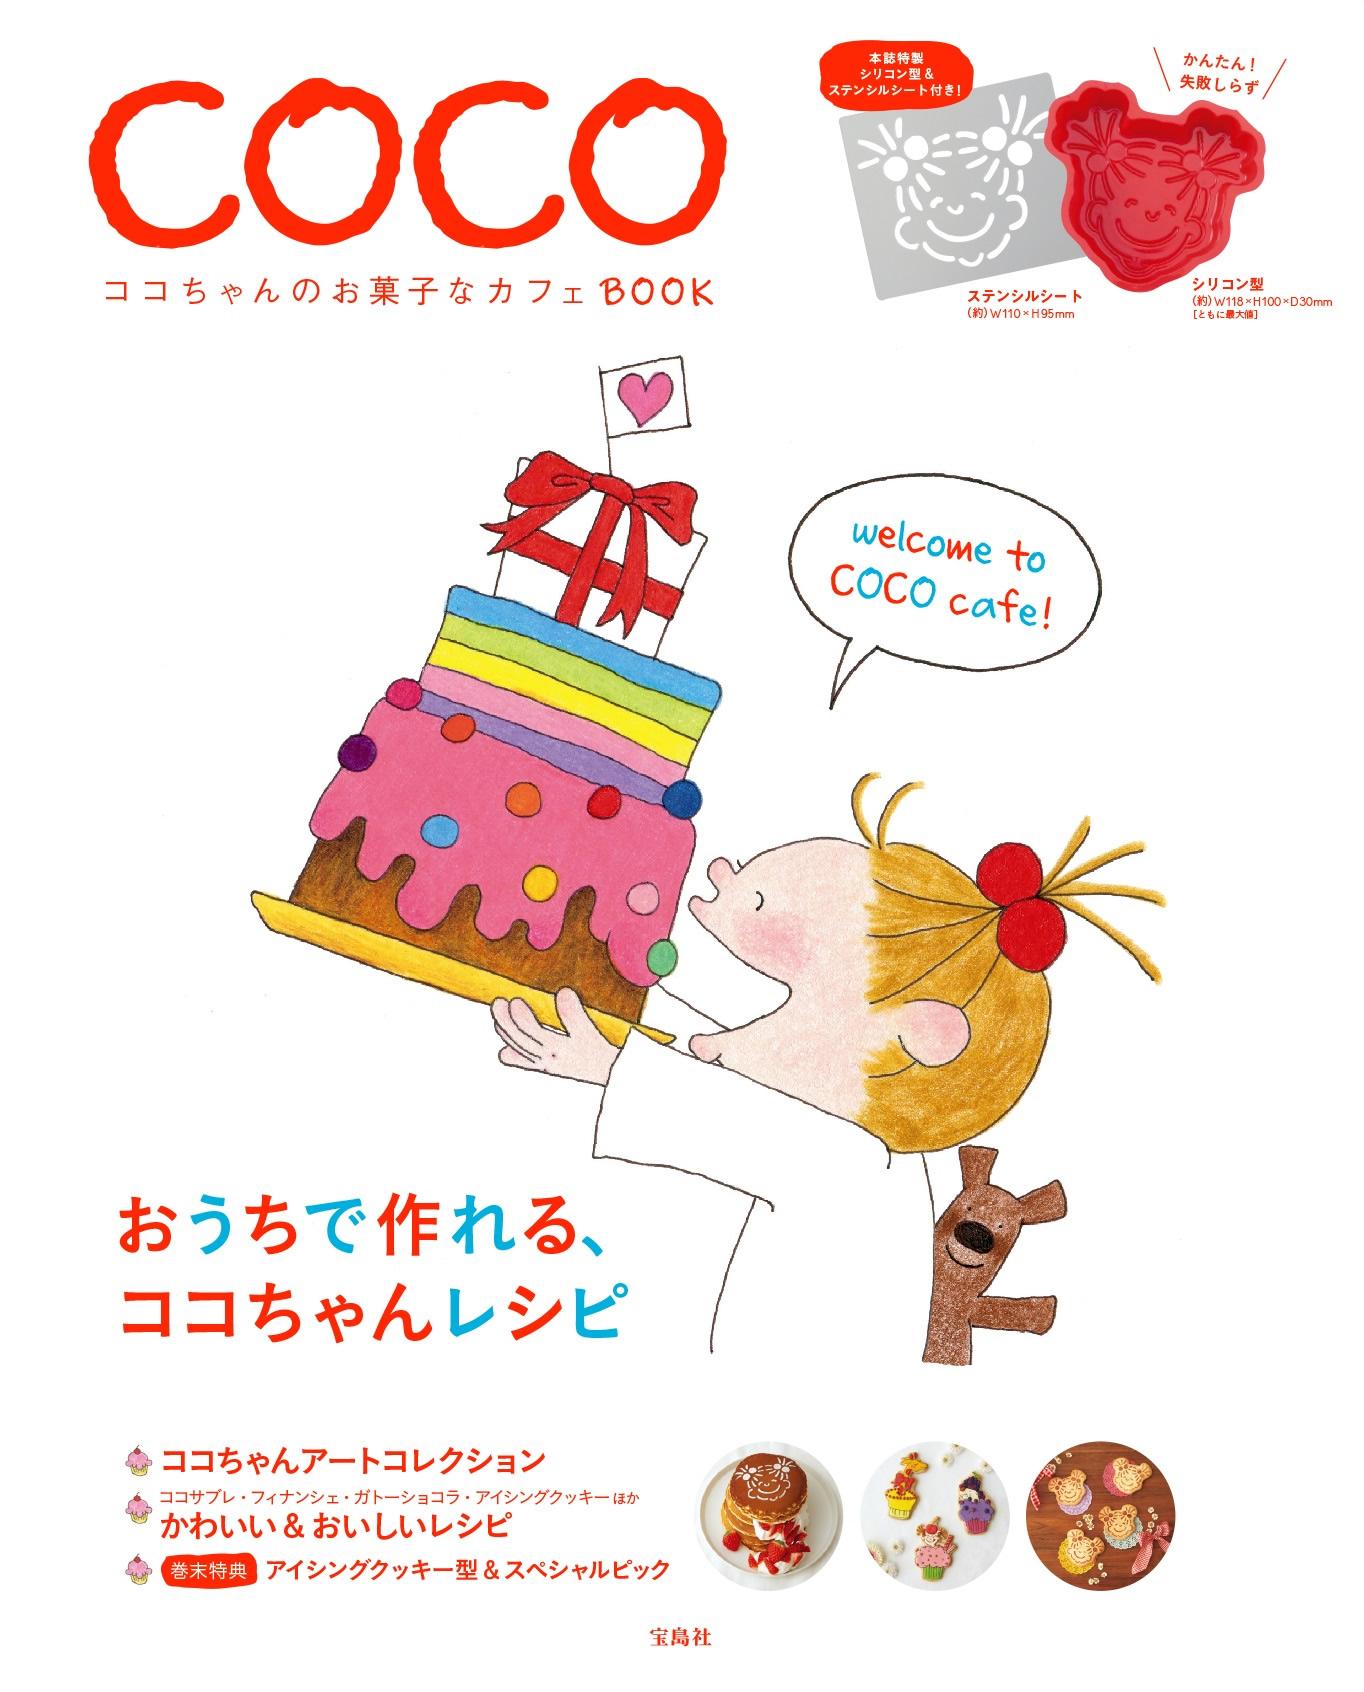 『ココちゃんのお菓子なカフェBOOK』宝島社